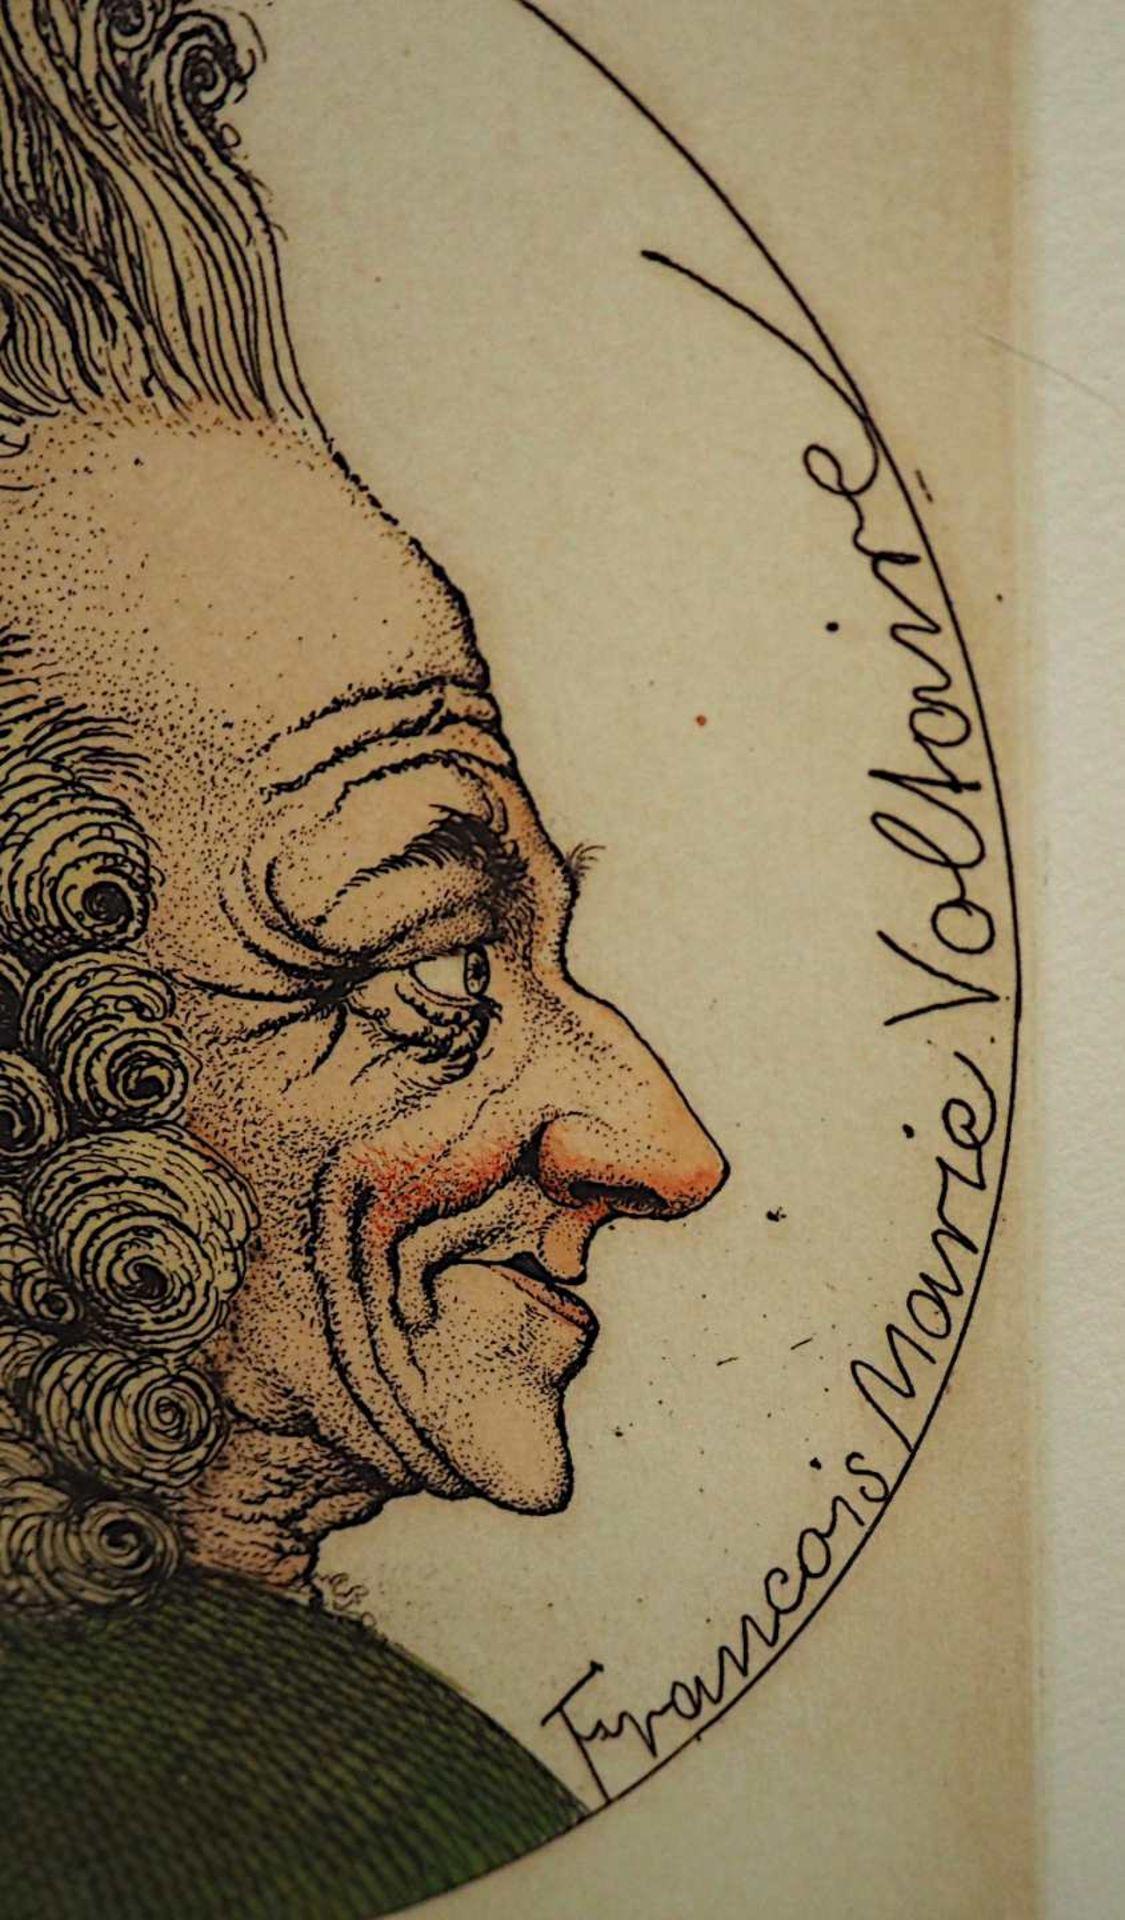 """1 Farbradierung R.u. bleistiftsign. M. M. PRECHTL (wohl Michael Mathias P. 1926-2003), """"Voltaire - Bild 4 aus 5"""